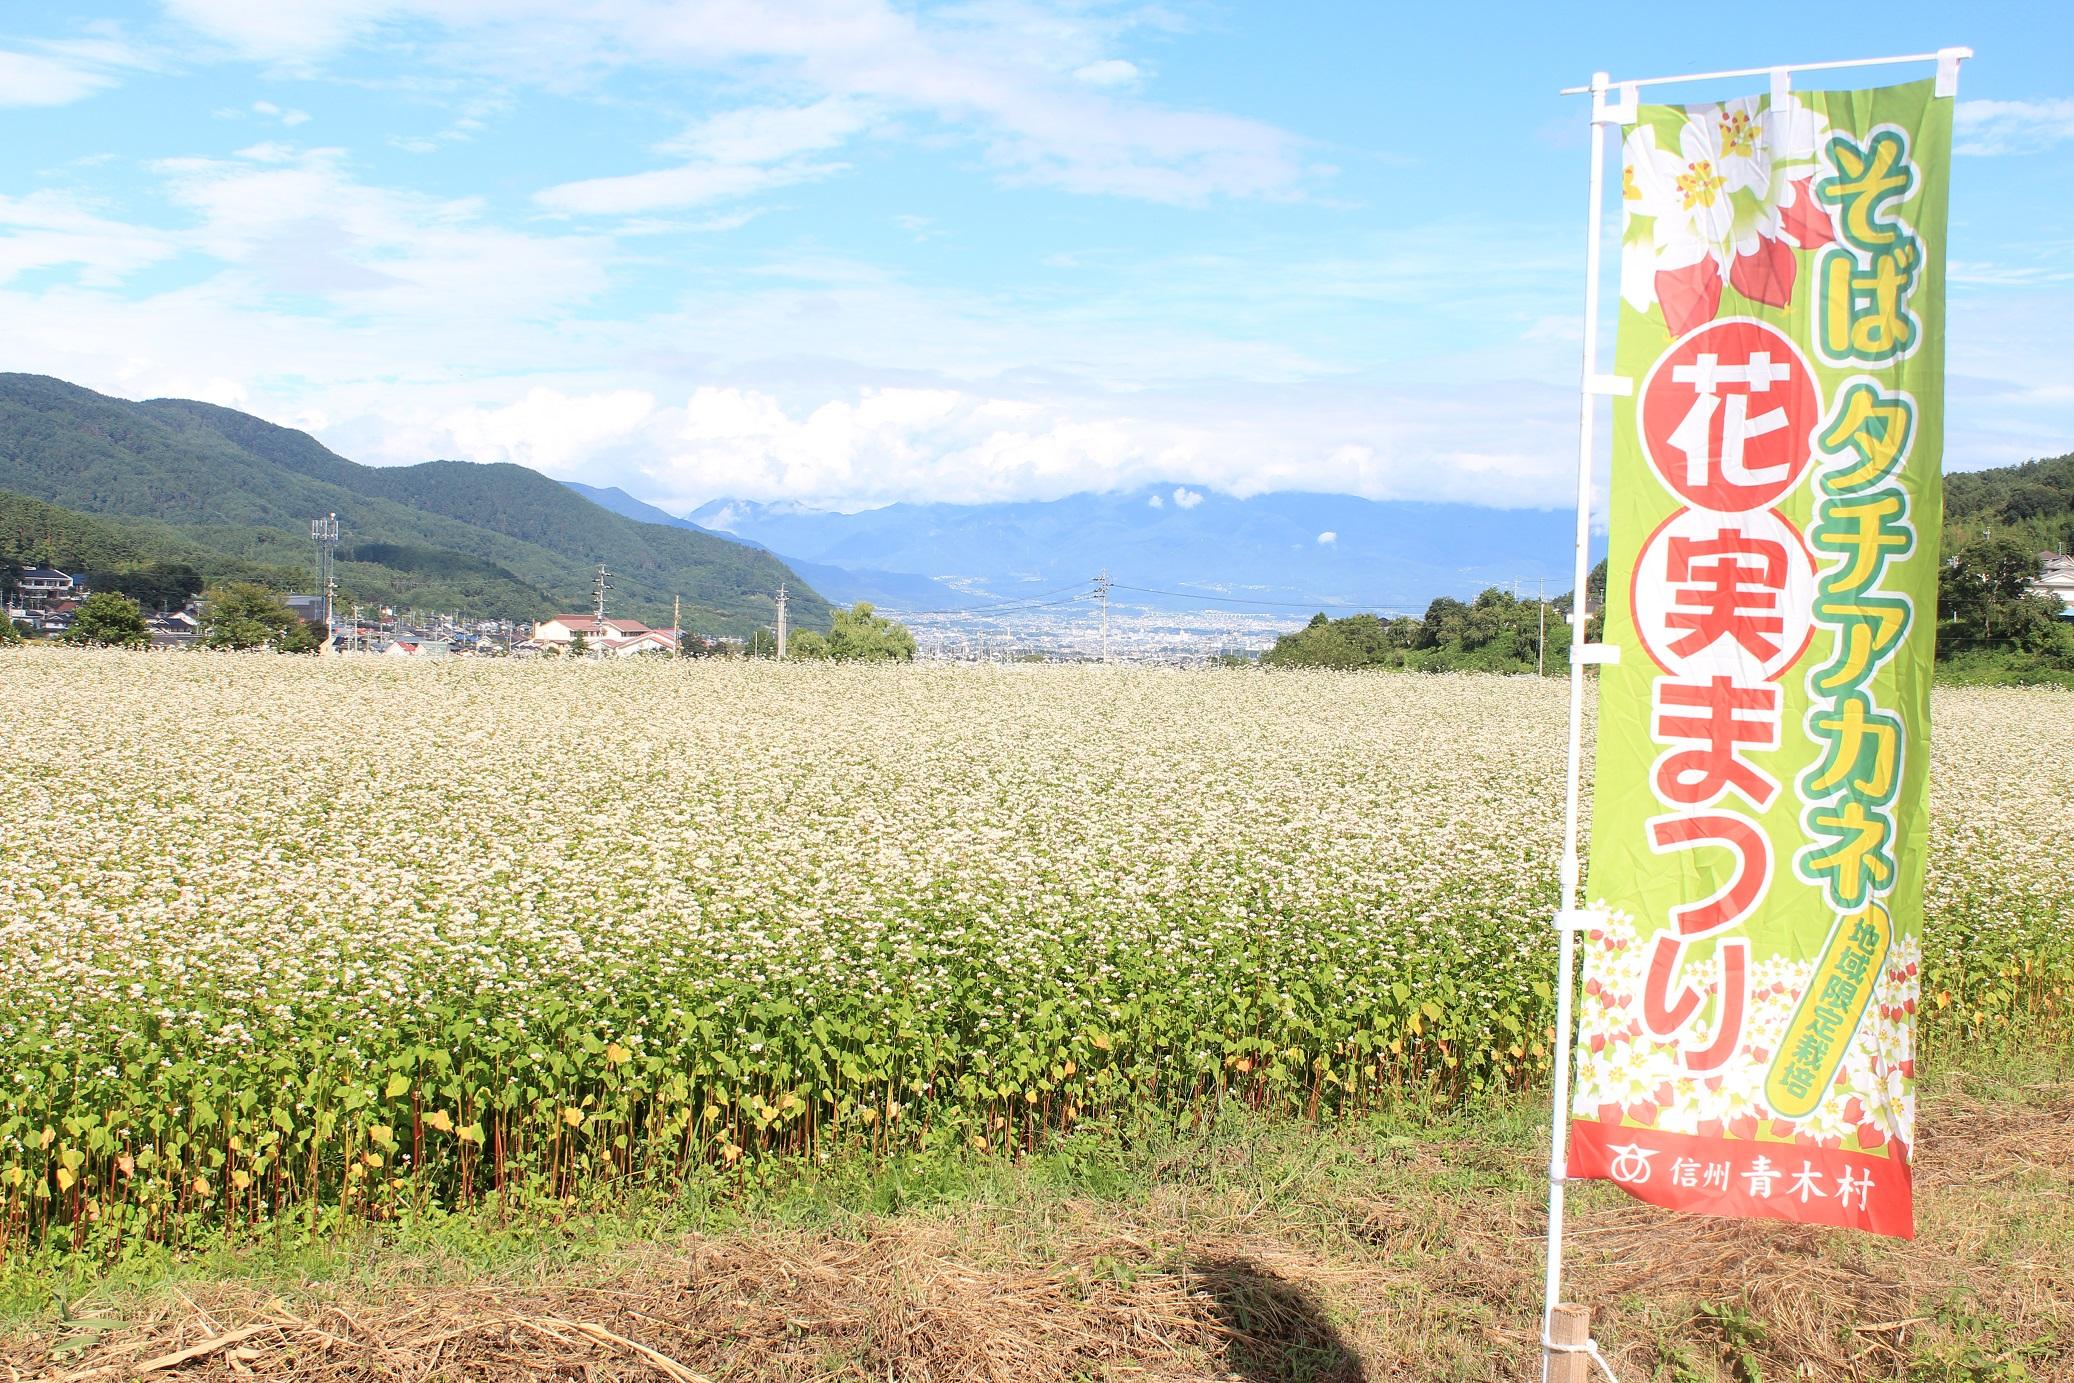 青木村限定タチアカネ蕎麦粉(約500g×3袋)